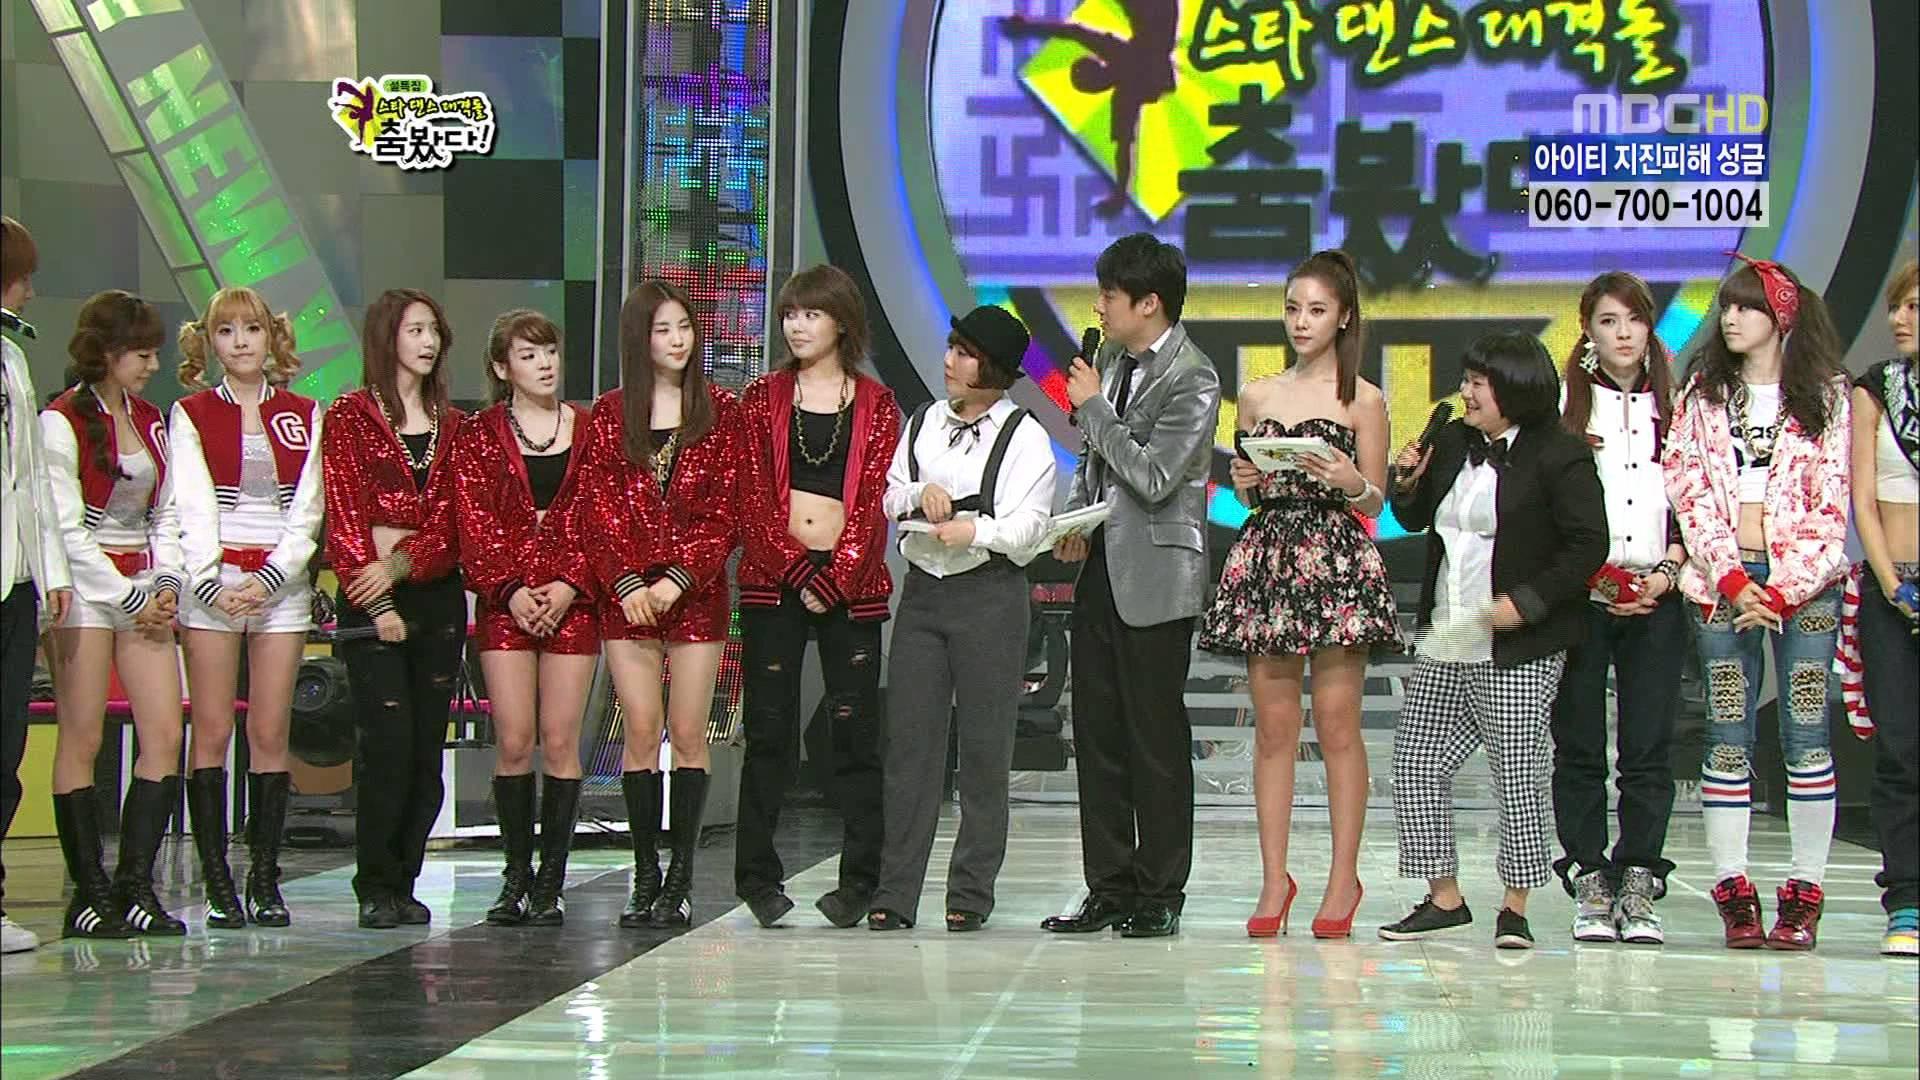 Những sân khấu vũ đạo đỉnh của đỉnh ghi dấu: Thời hoàng kim Kpop chỉ có thể là đây - Ảnh 1.